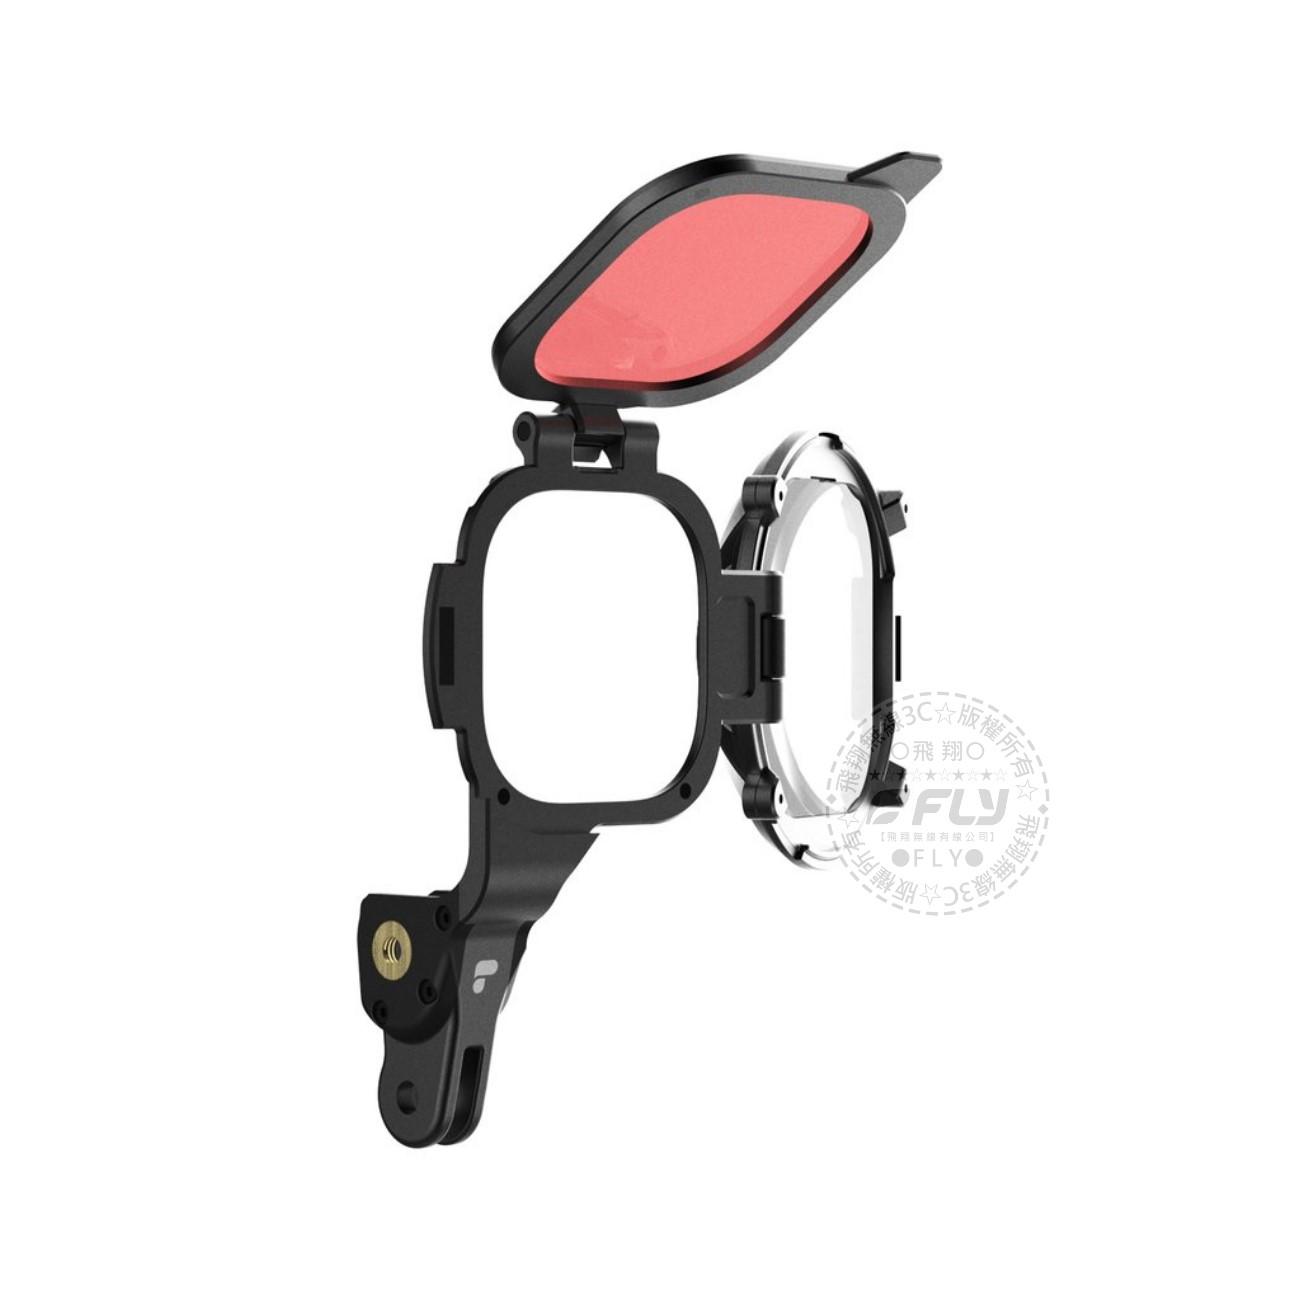 《飛翔無線3C》polarpro GoPro HERO8 專用潛水近拍鏡組│公司貨│微距 5倍放大